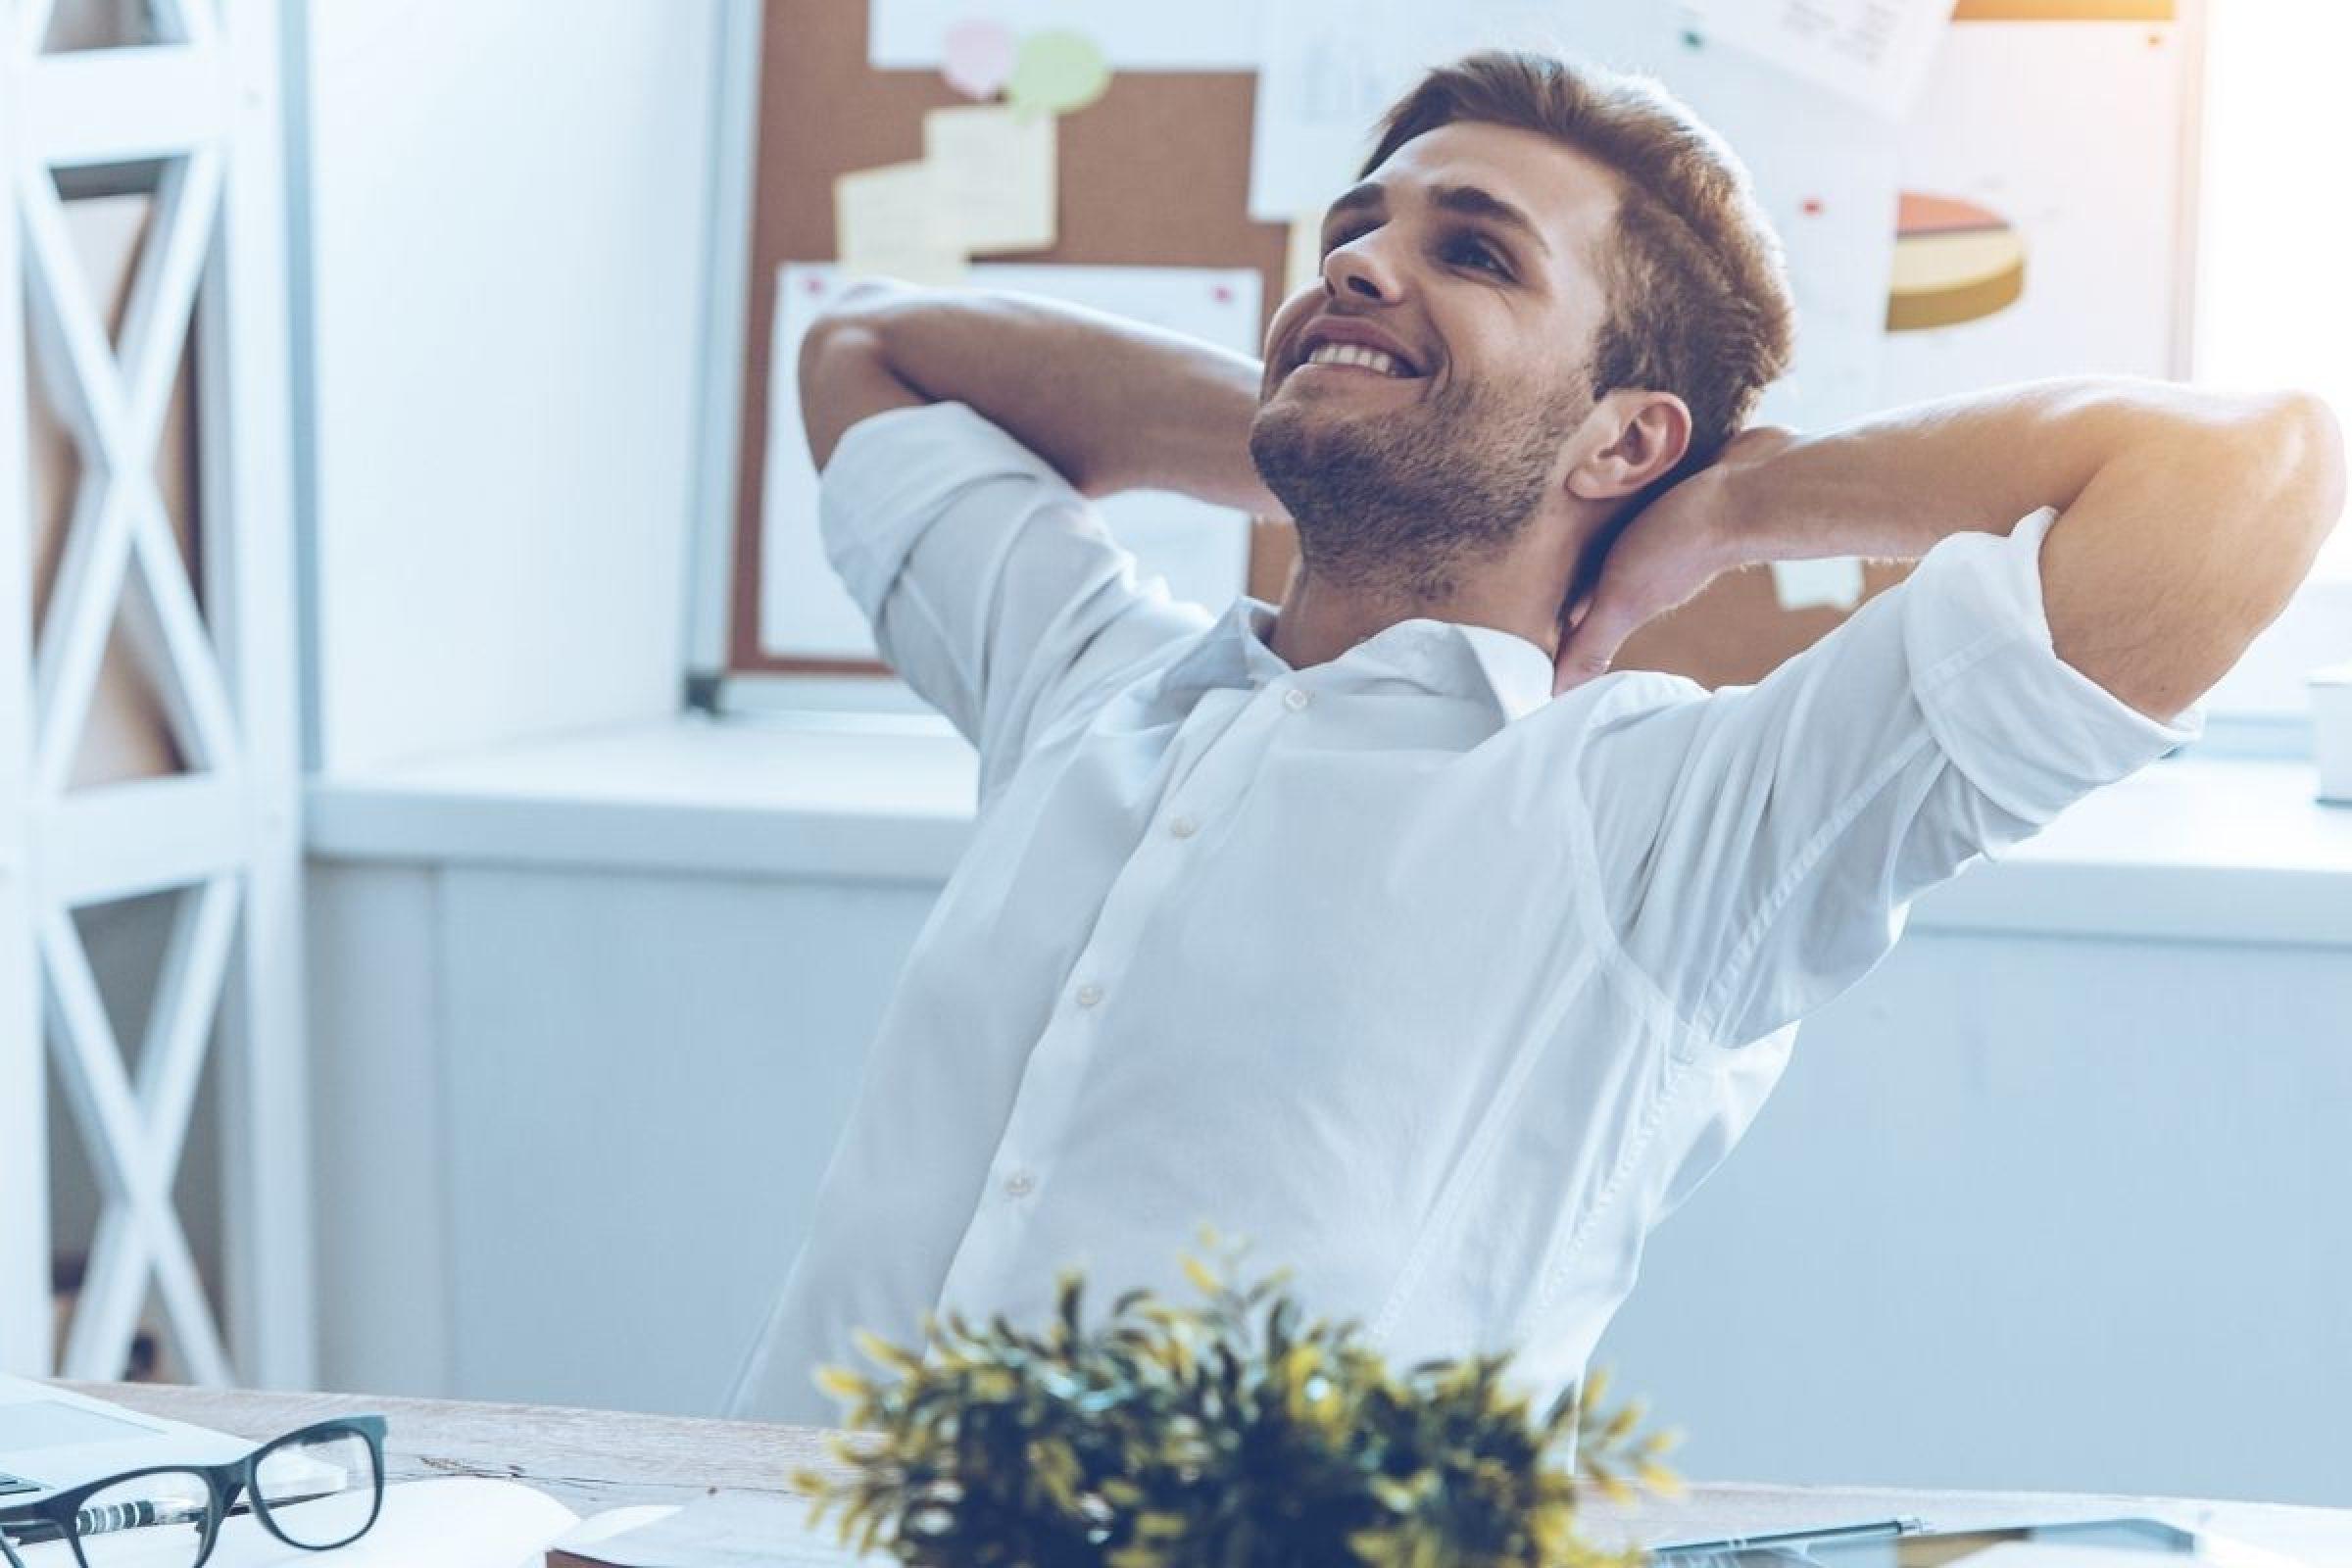 Recruiting digitalisieren: Diese 4 HR-Herausforderungen löst es